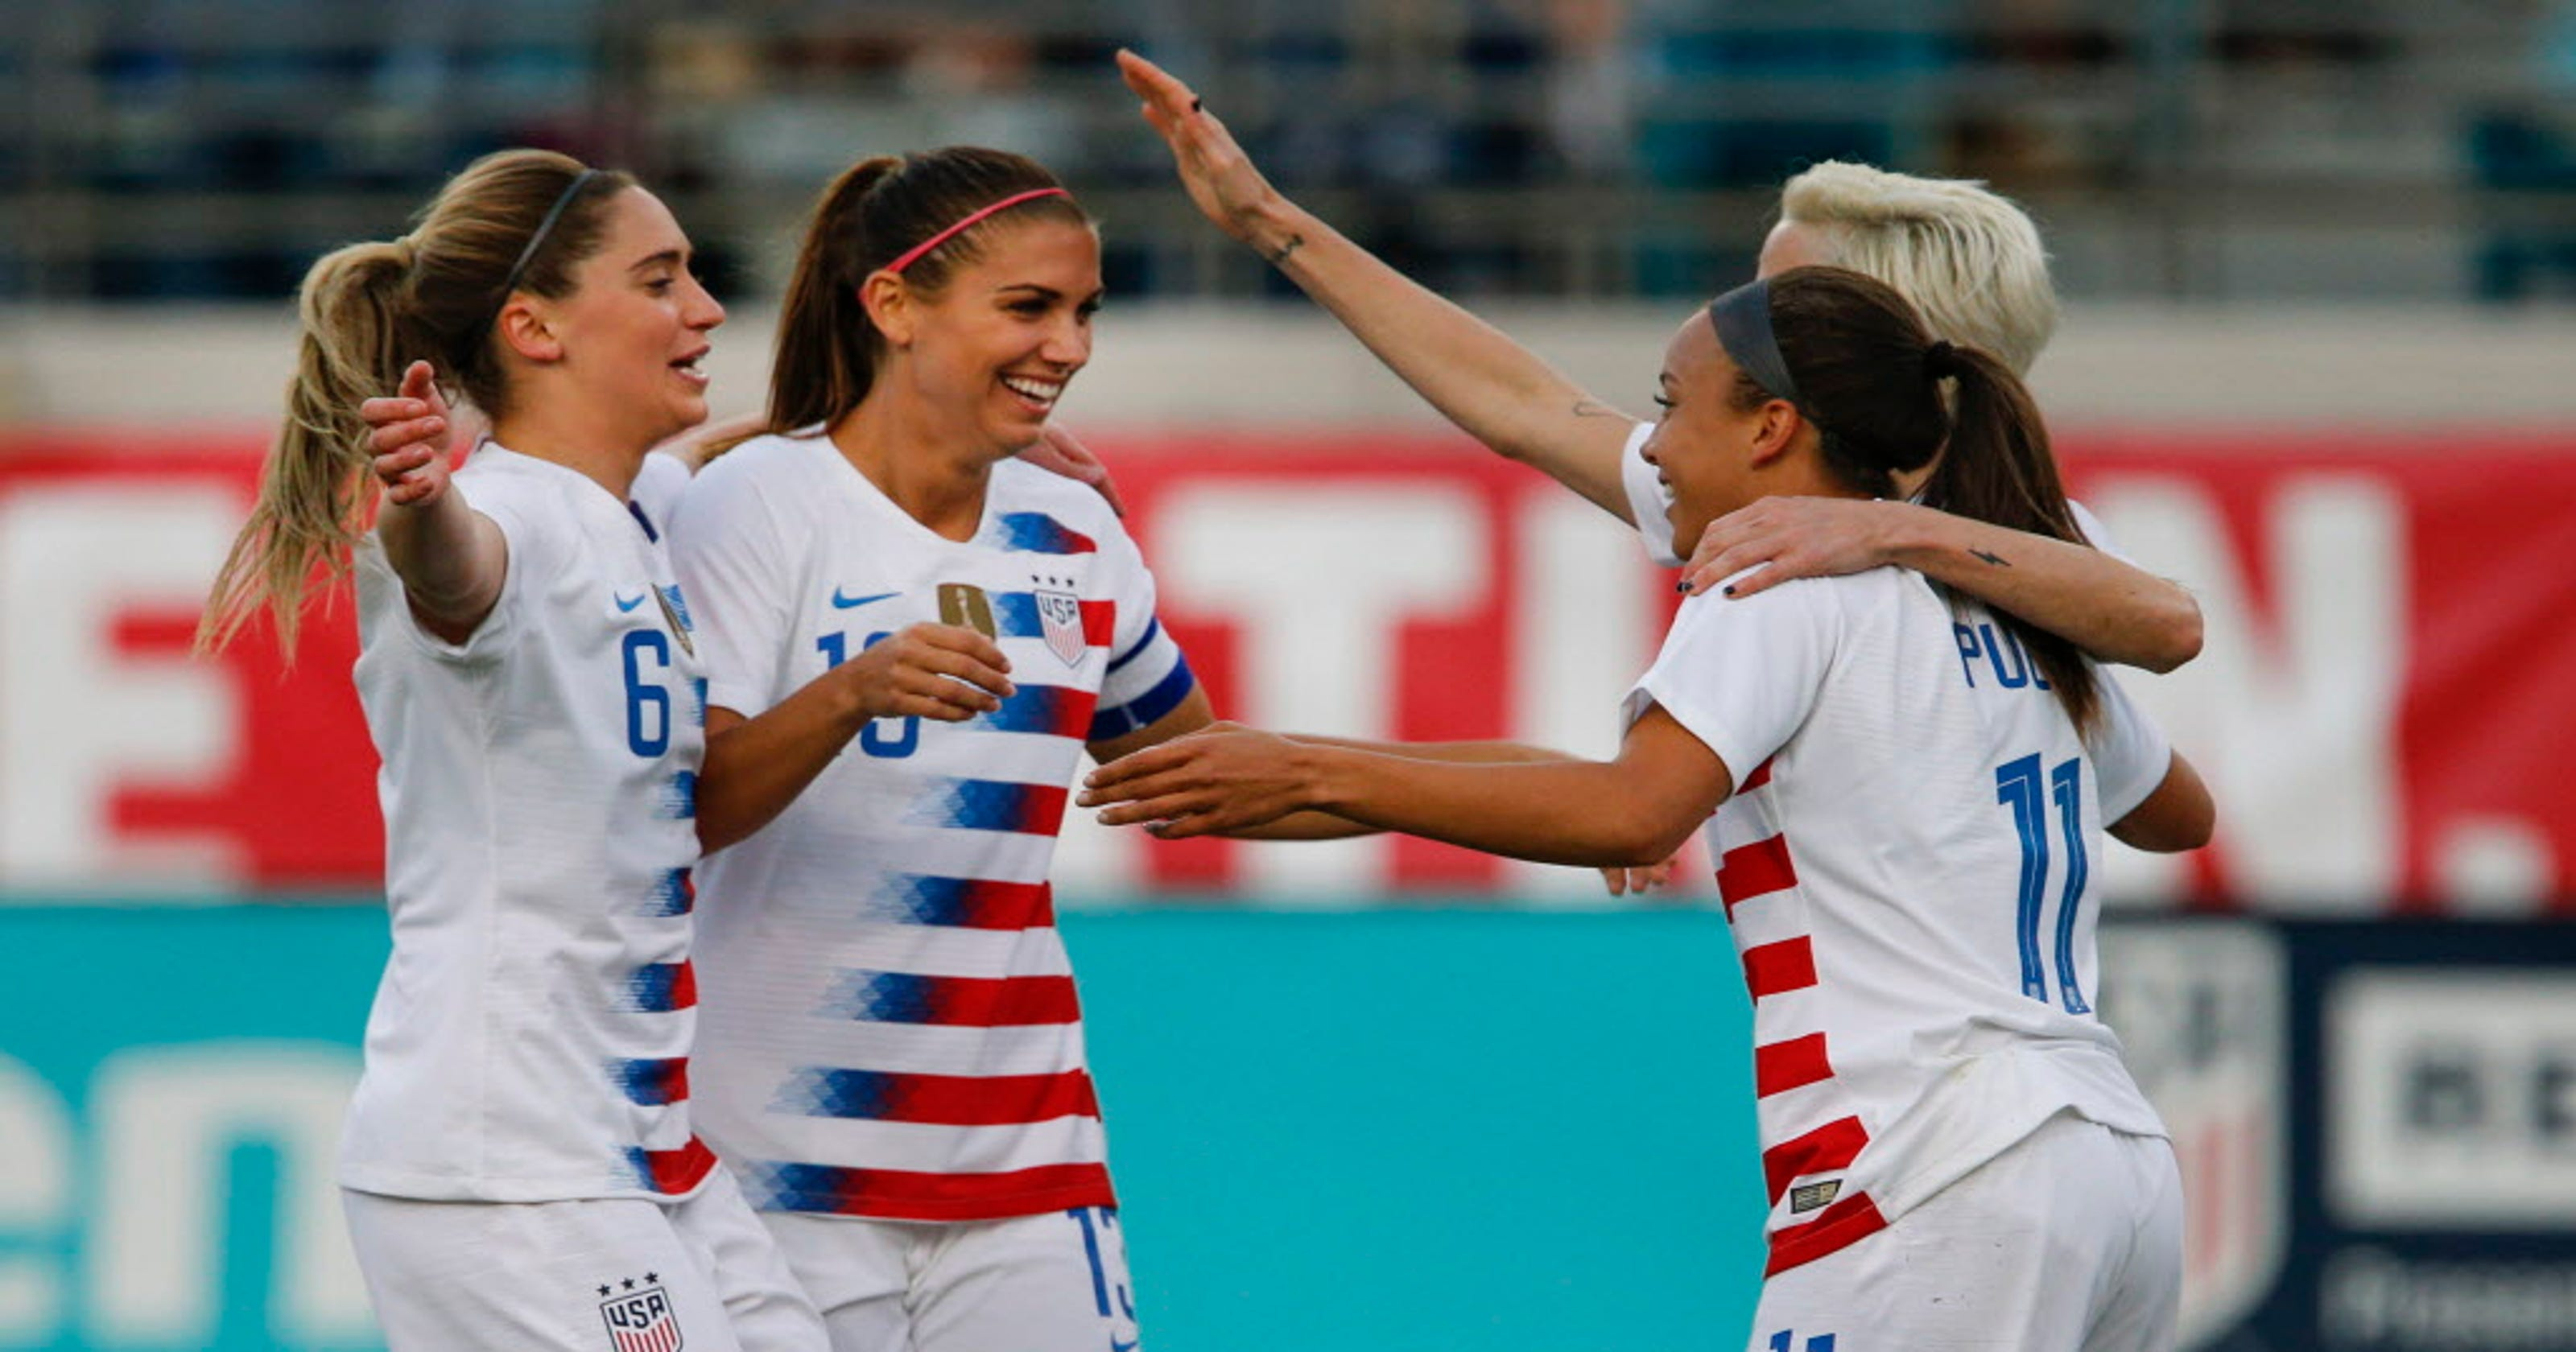 e62f3dfae0d Alex Morgan scores twice in U.S. women s national team friendly vs. Mexico